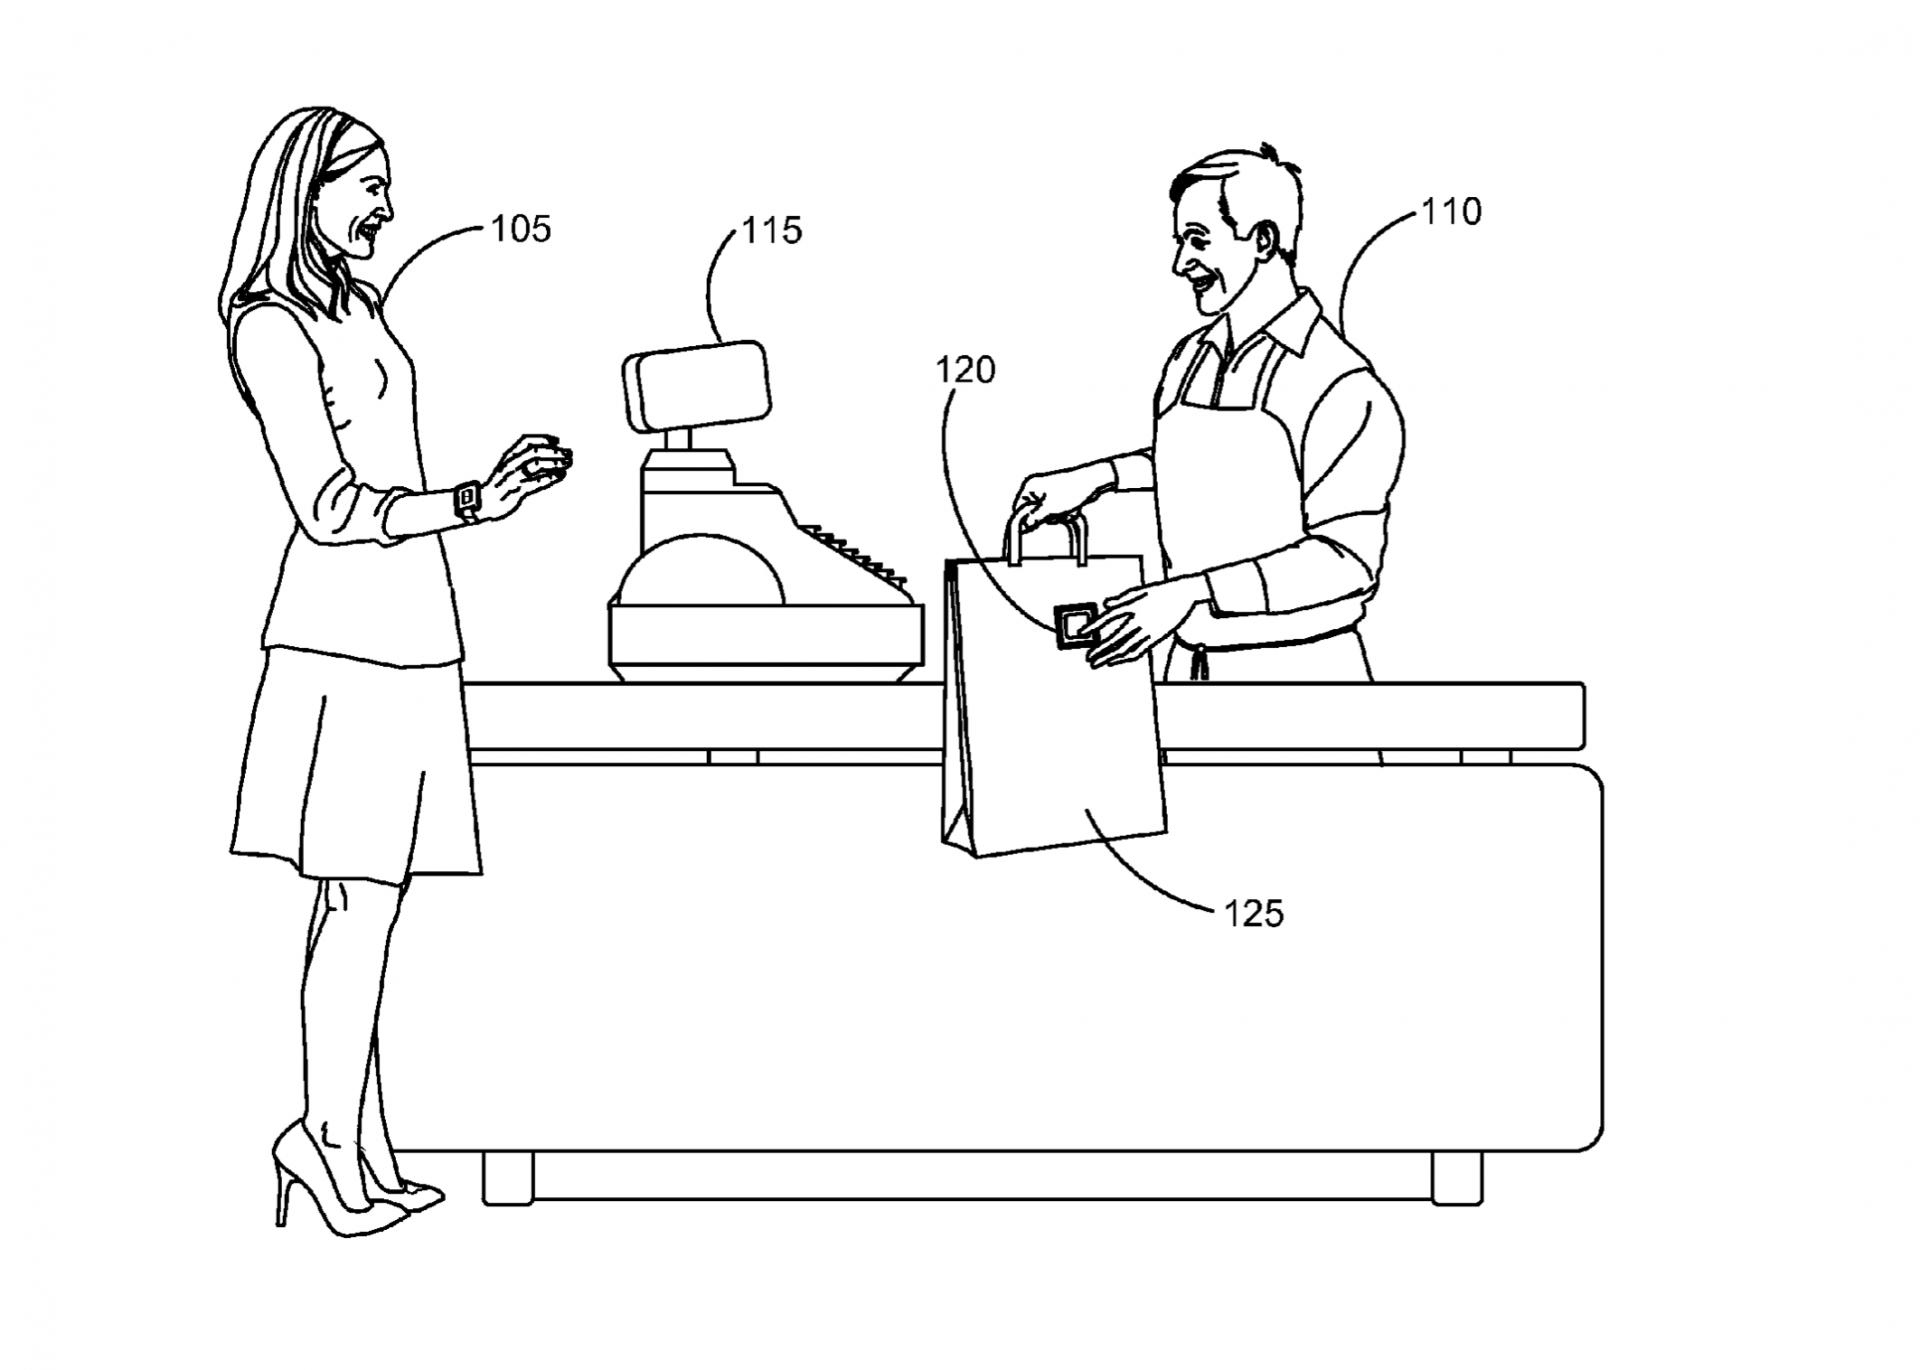 Gesünder Essen: Apple erhält Patent für RFID-Tags mit Nährwertangaben